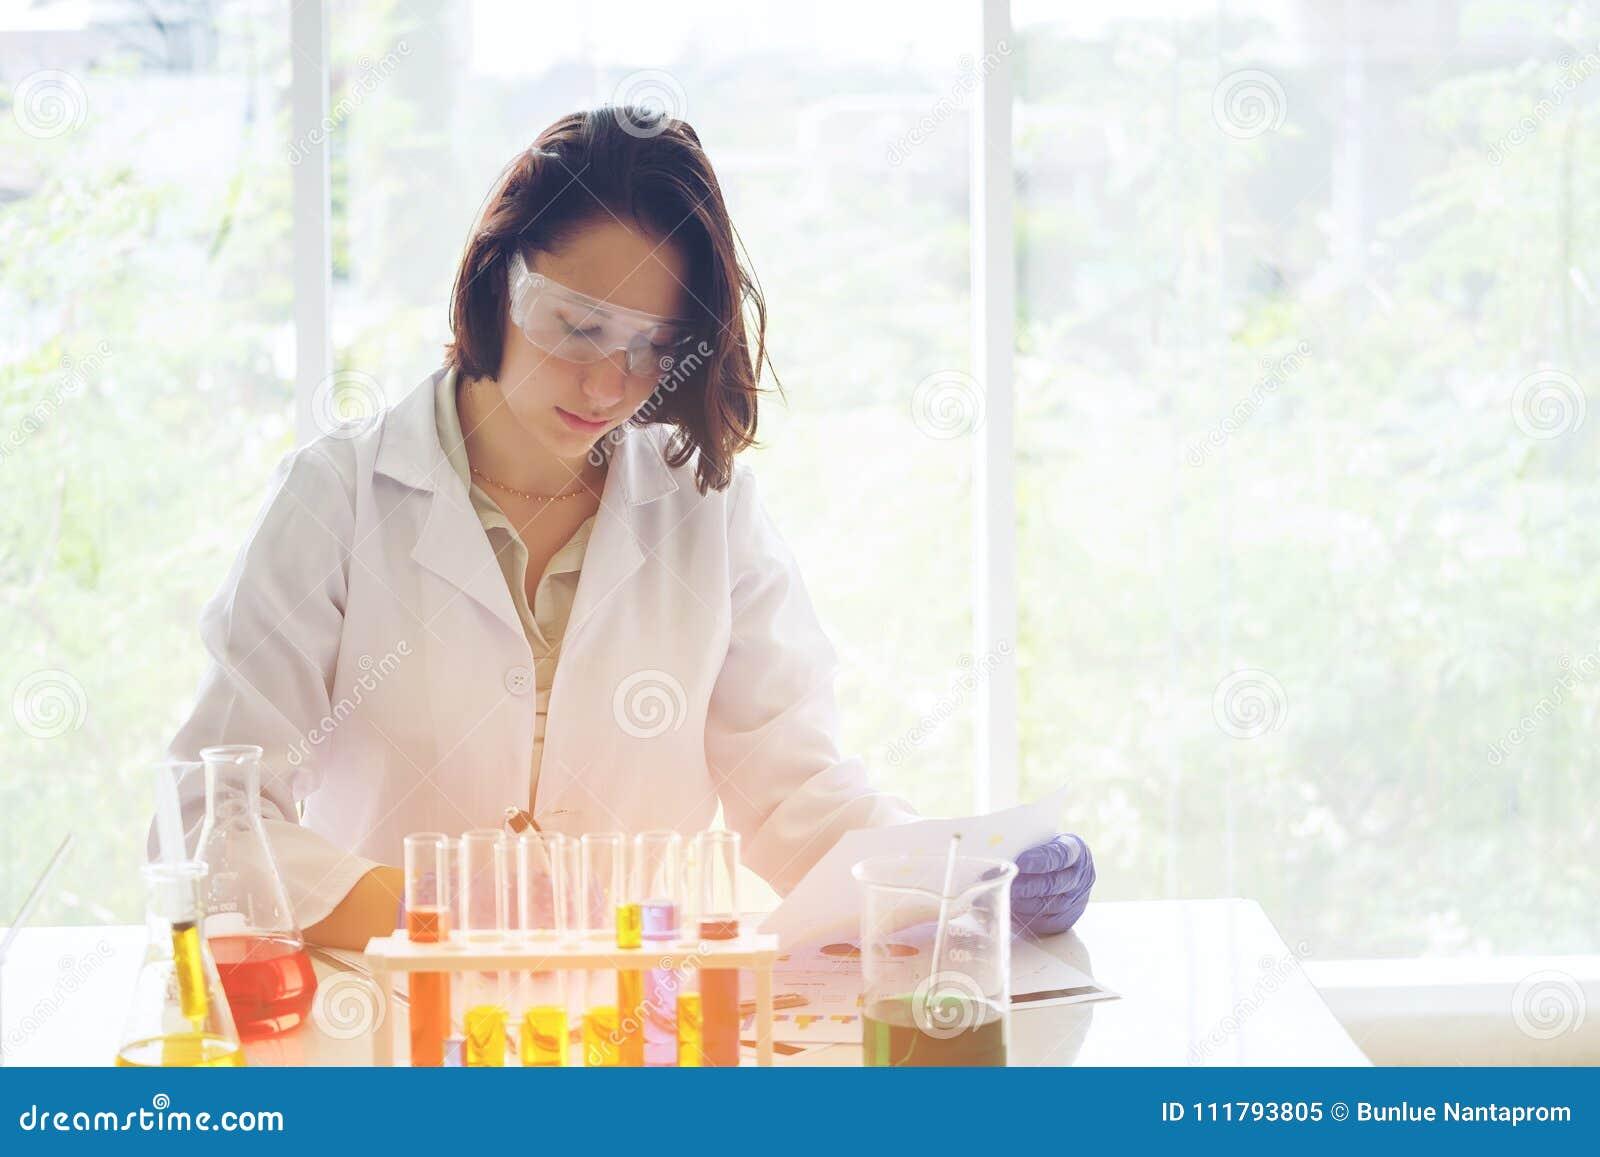 Młody żeński naukowiec w lab pracowniku robi badania medyczne wewnątrz